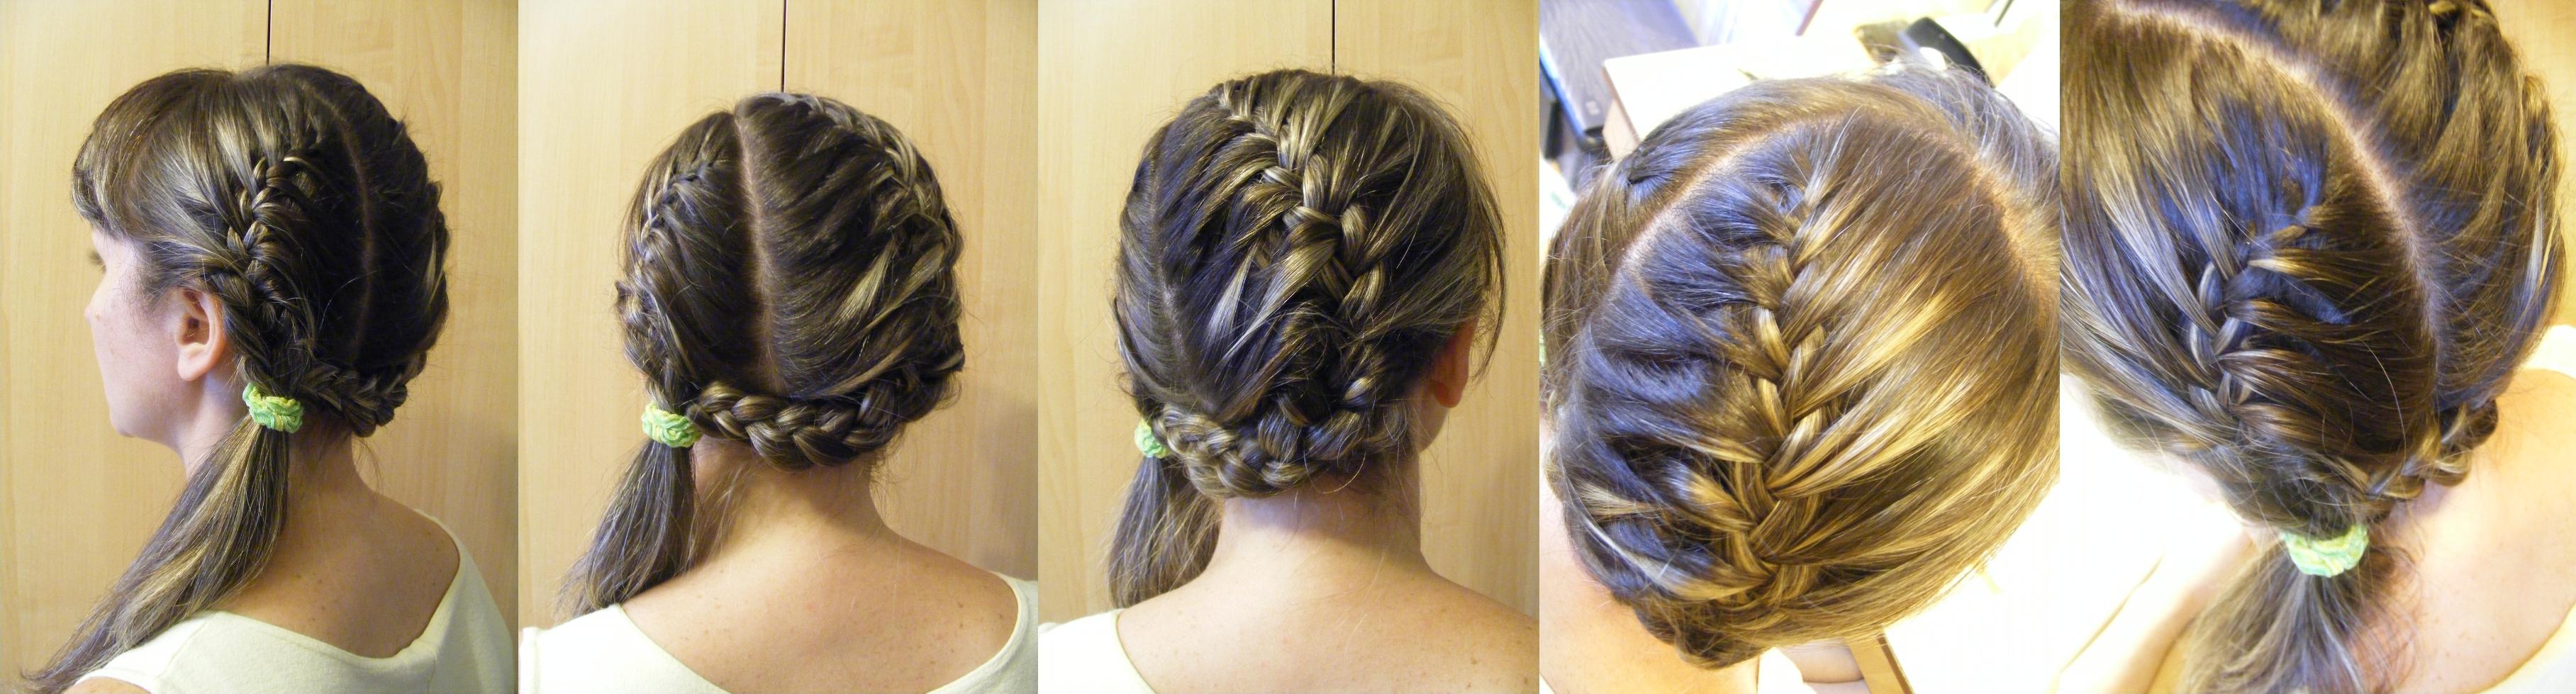 French braids newhairstylesformen2014 com